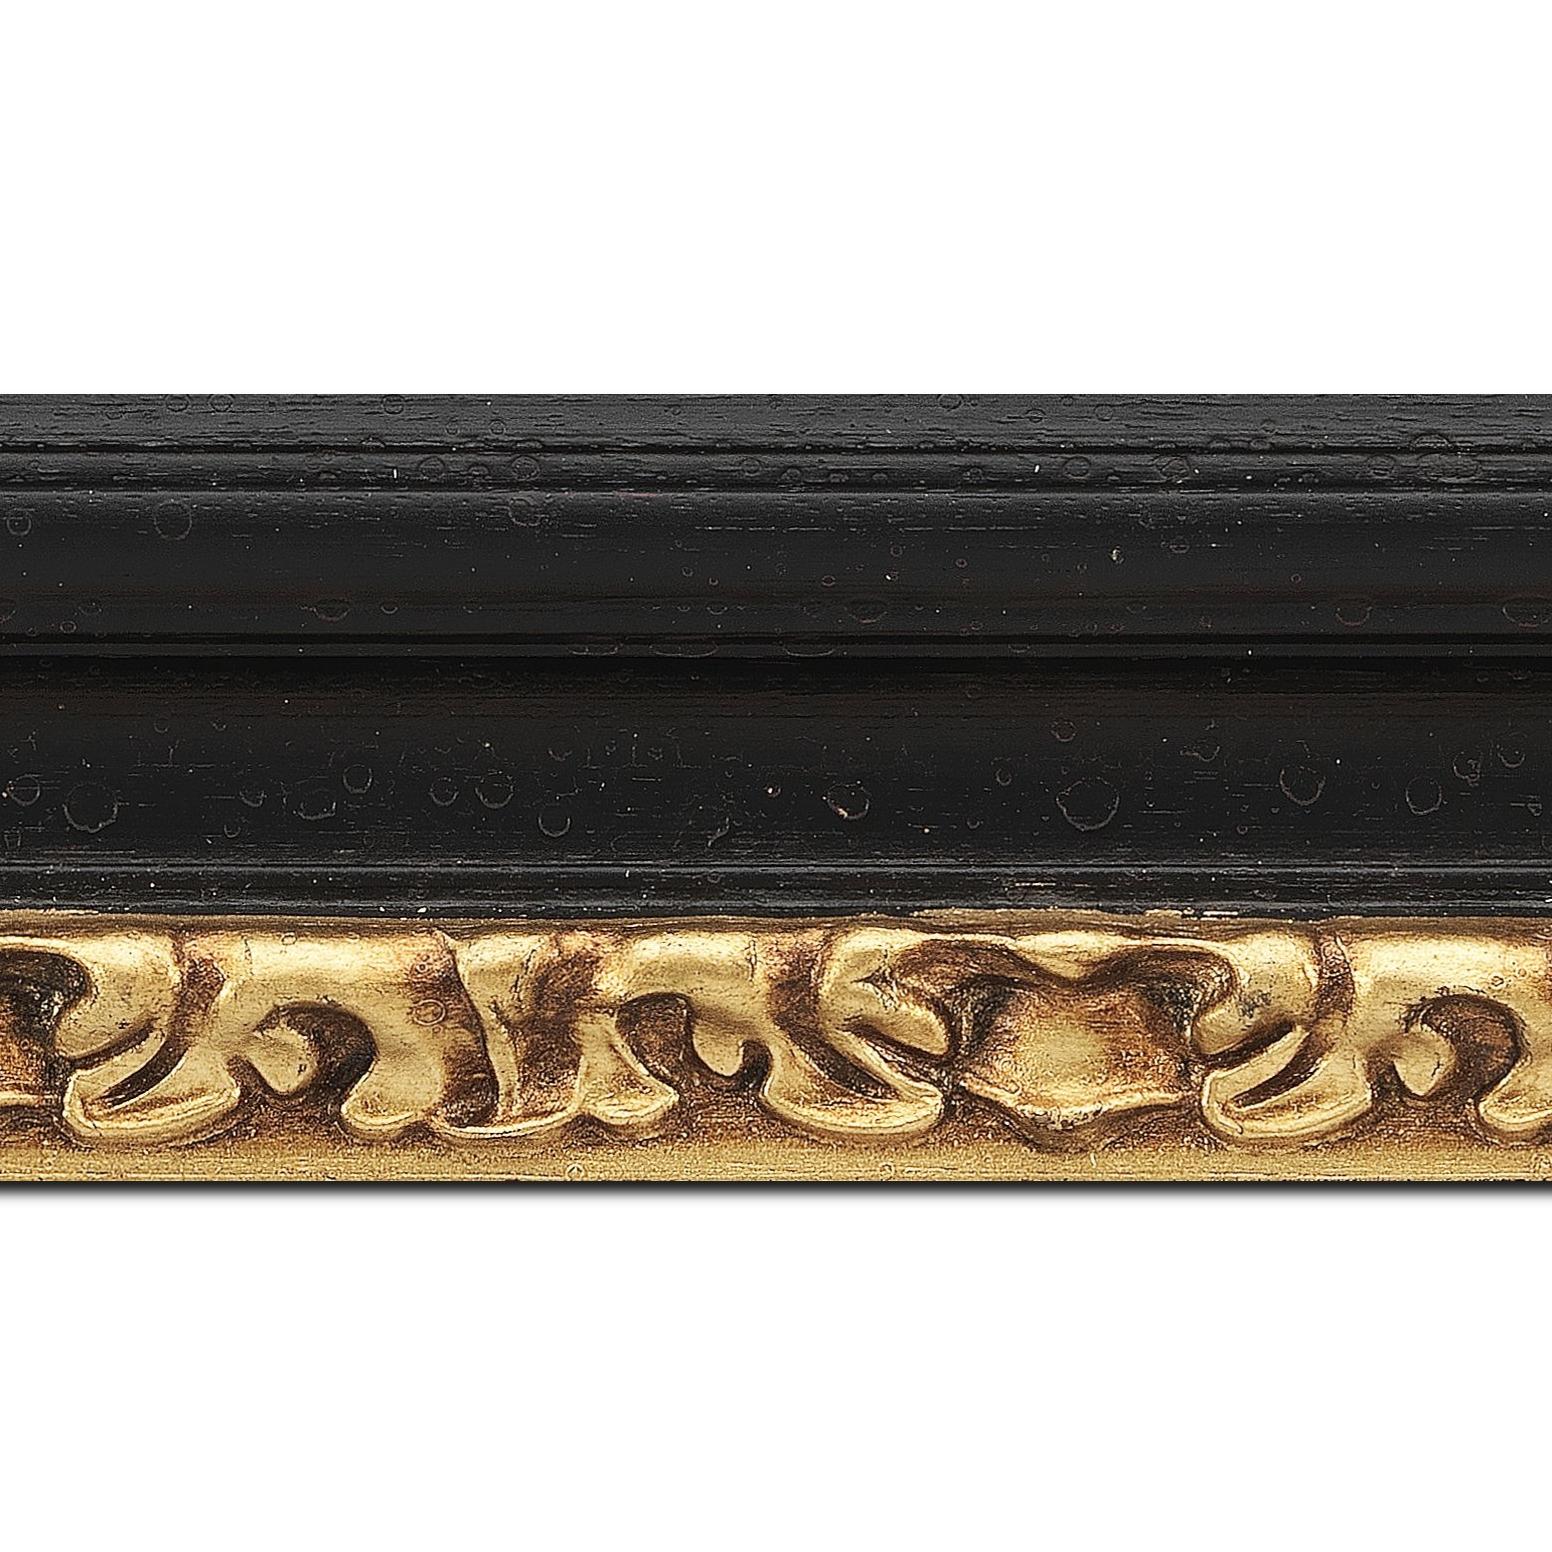 Baguette longueur 1.40m bois profil incurvé largeur 7.9cm noir antique nez or à la feuille style